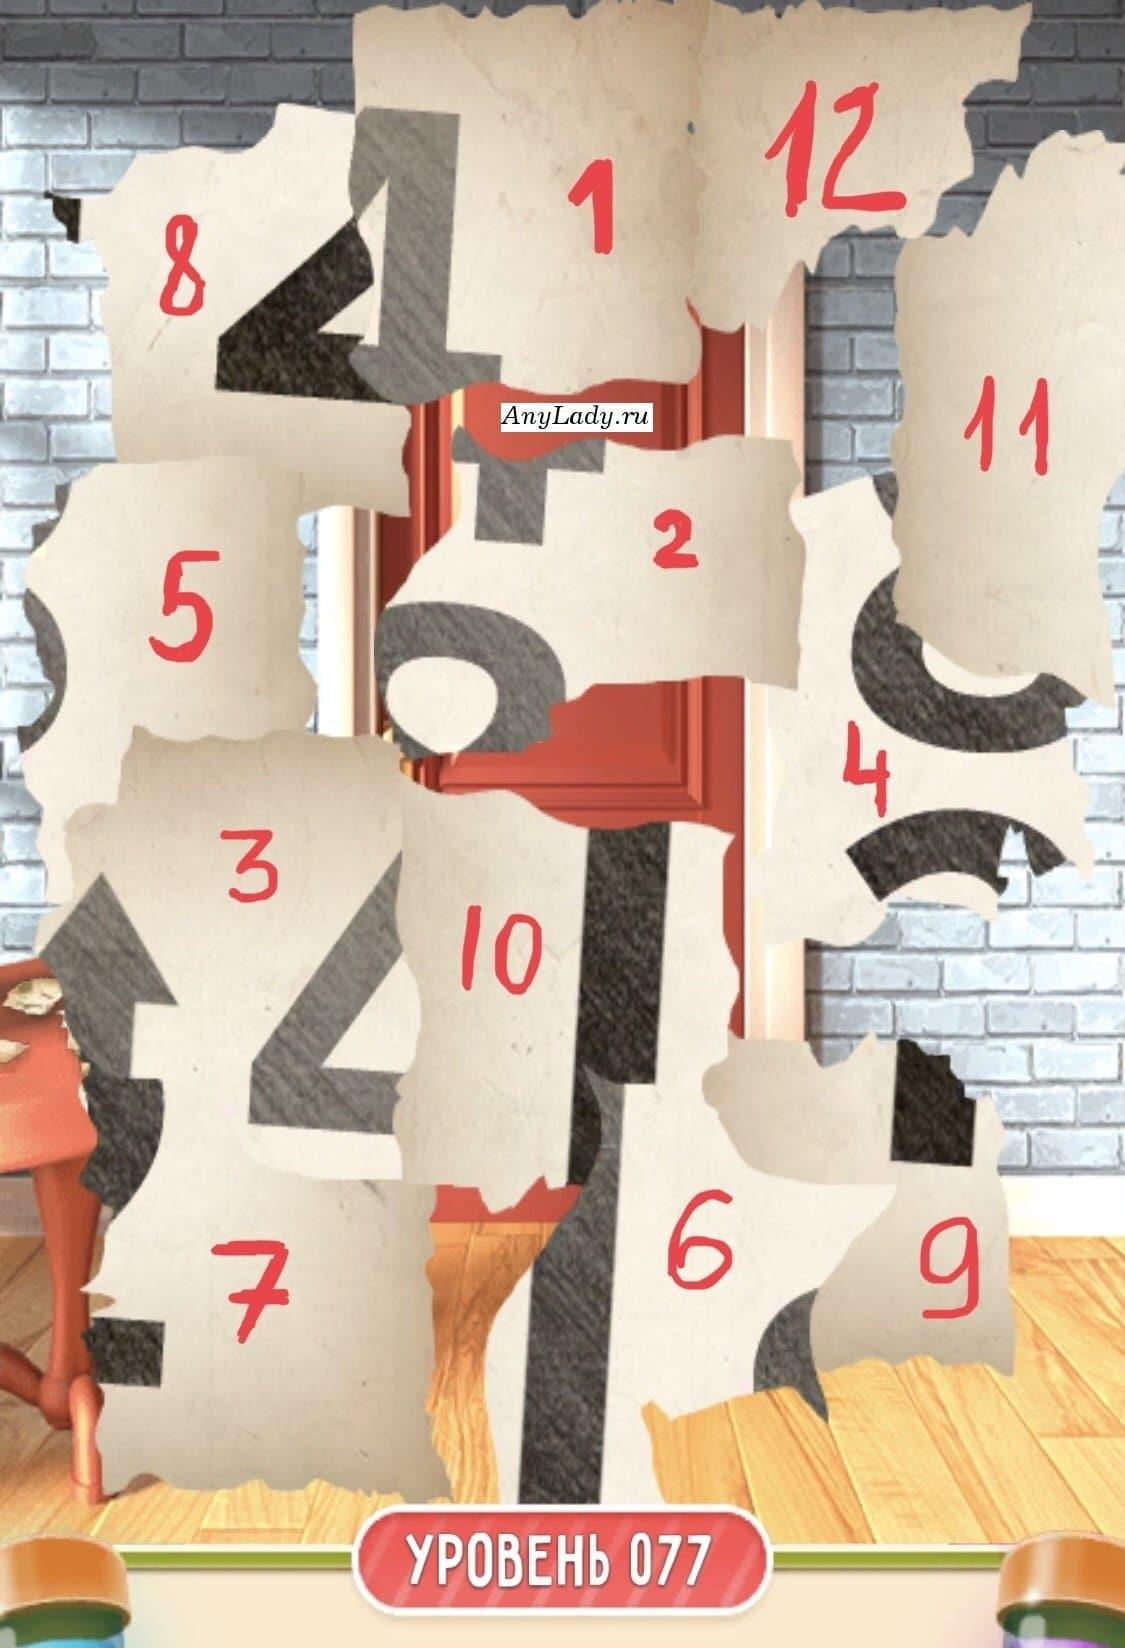 Бумажку под номером один, соедините с номером два.  Деталь под номером три соедините с номером один.  Пазл под номером четыре поднесите к низу второго пазла.  Пятая деталь является правой стороной восьмерки, соедините ее с четвертой картинкой.  Седьмую картинку подставьте справа под низ пятой детальки.   Восьмую картинку подвиньте к седьмой и у Вас получится шифр, но нужно его закончить.  Девятую картинку поставьте слева к восьмой.  Десятый пазл поставьте сверху девятого.   Шестой поставьте рядом со вторым и заключительные одиннадцатый и двенадцатые завершат Вашу головоломку.